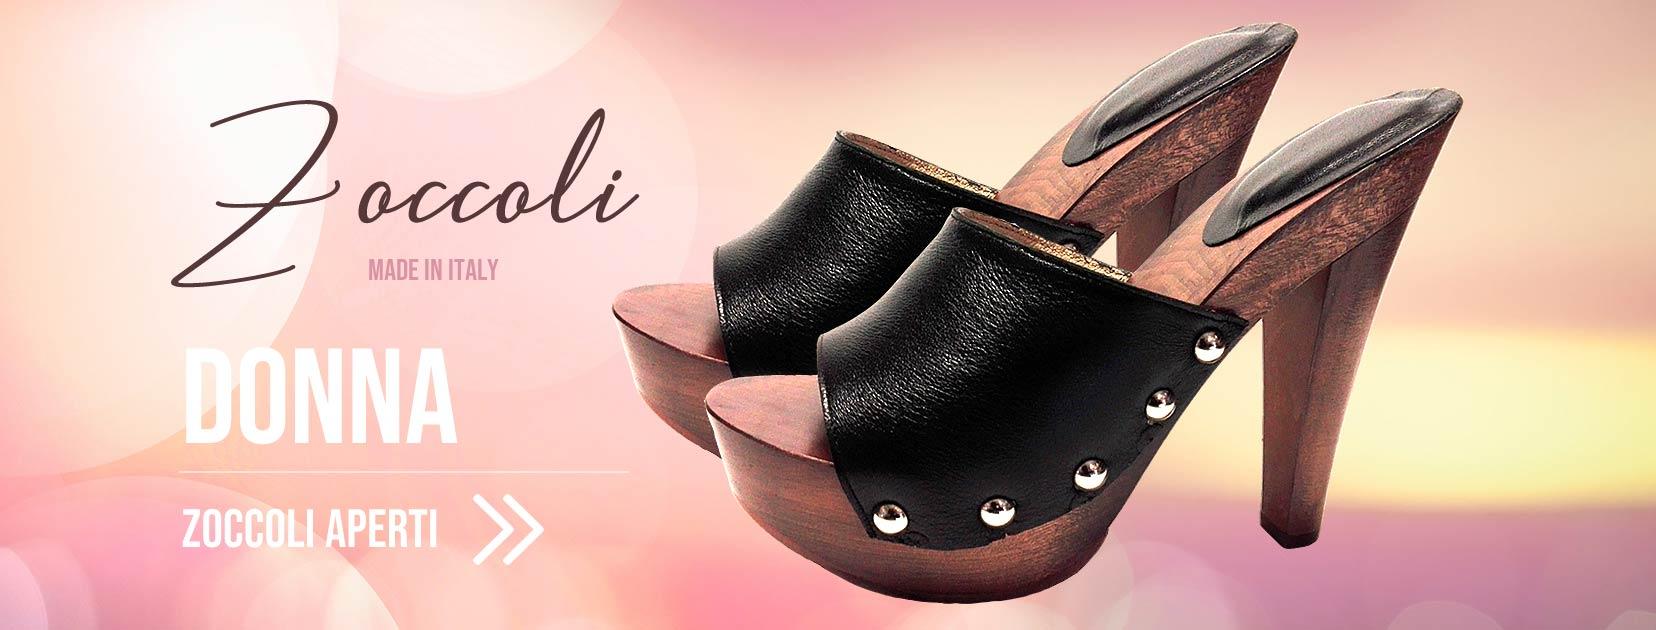 Zoccoli Sabot e sandali moda estate 2019 | LA RAPIDA